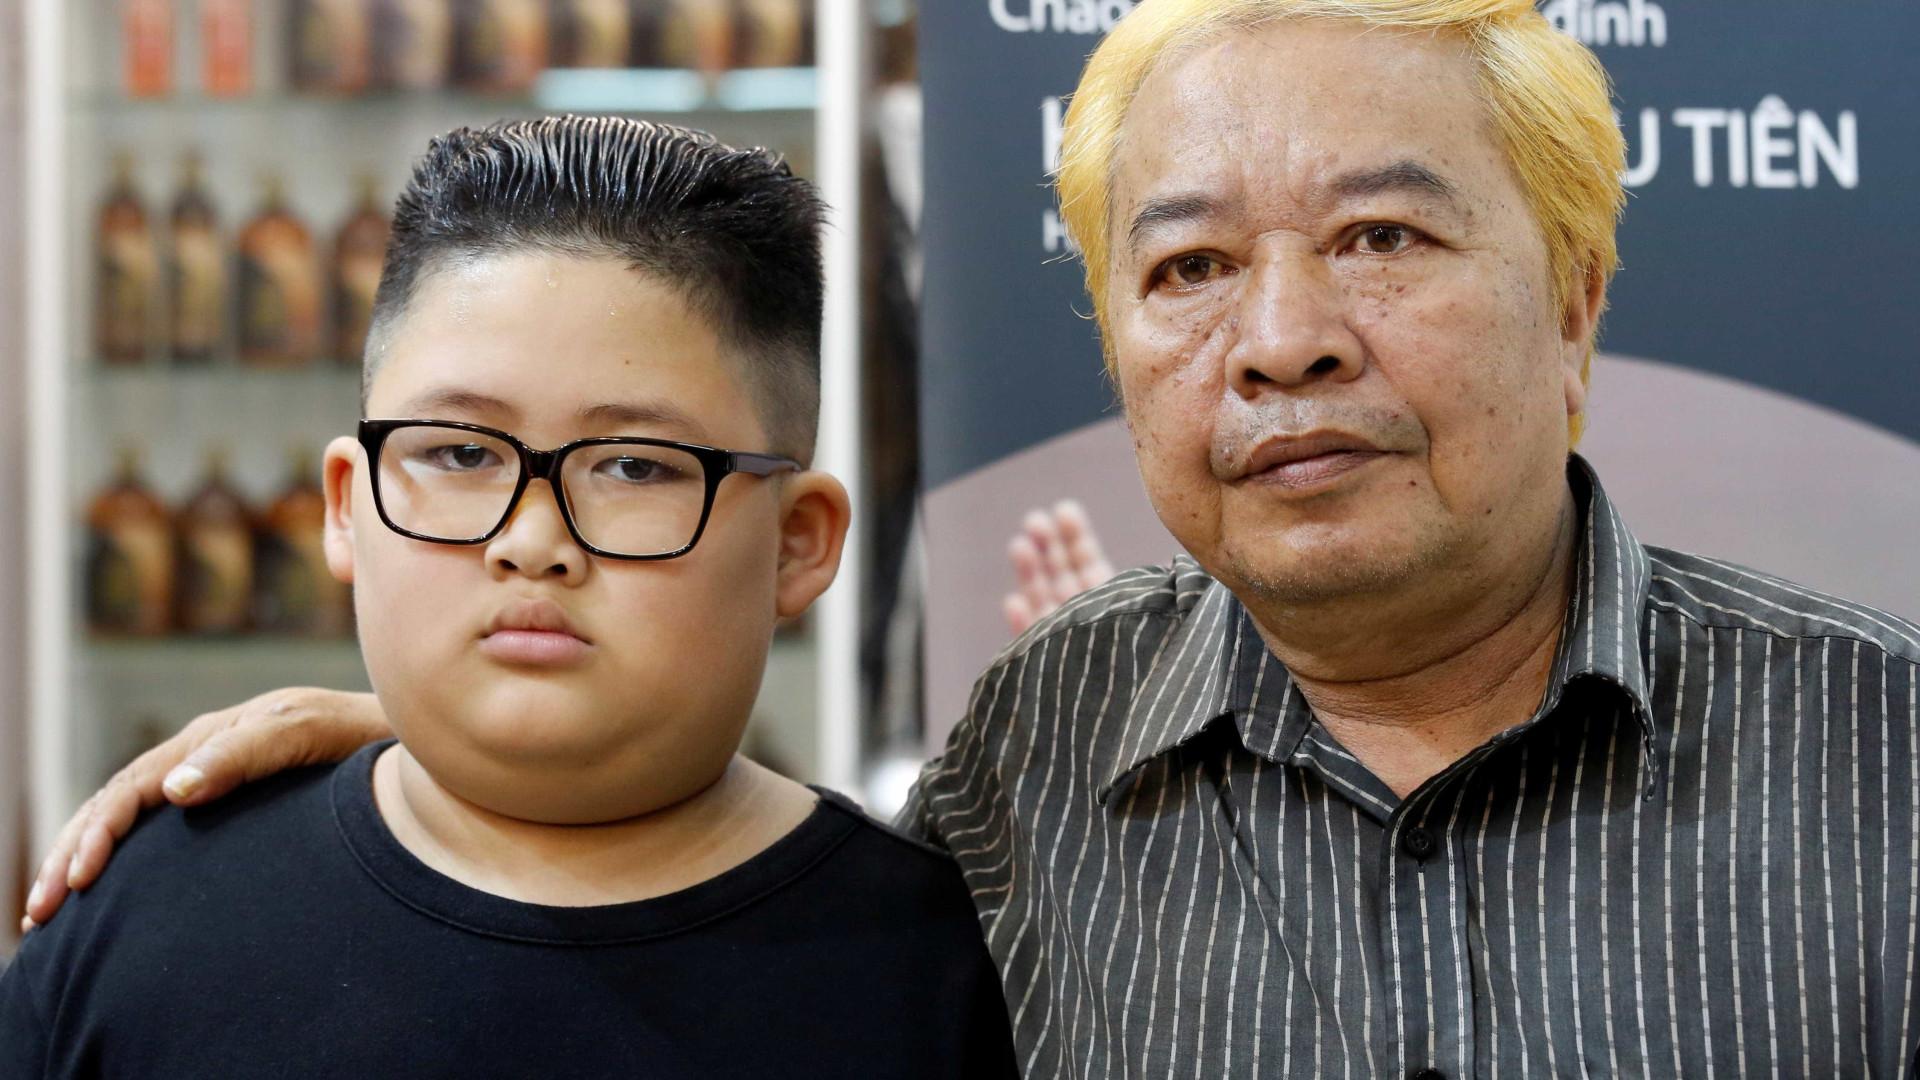 Este barbeiro oferece penteados de Kim Jong-un ou Trump. Qual escolheria?